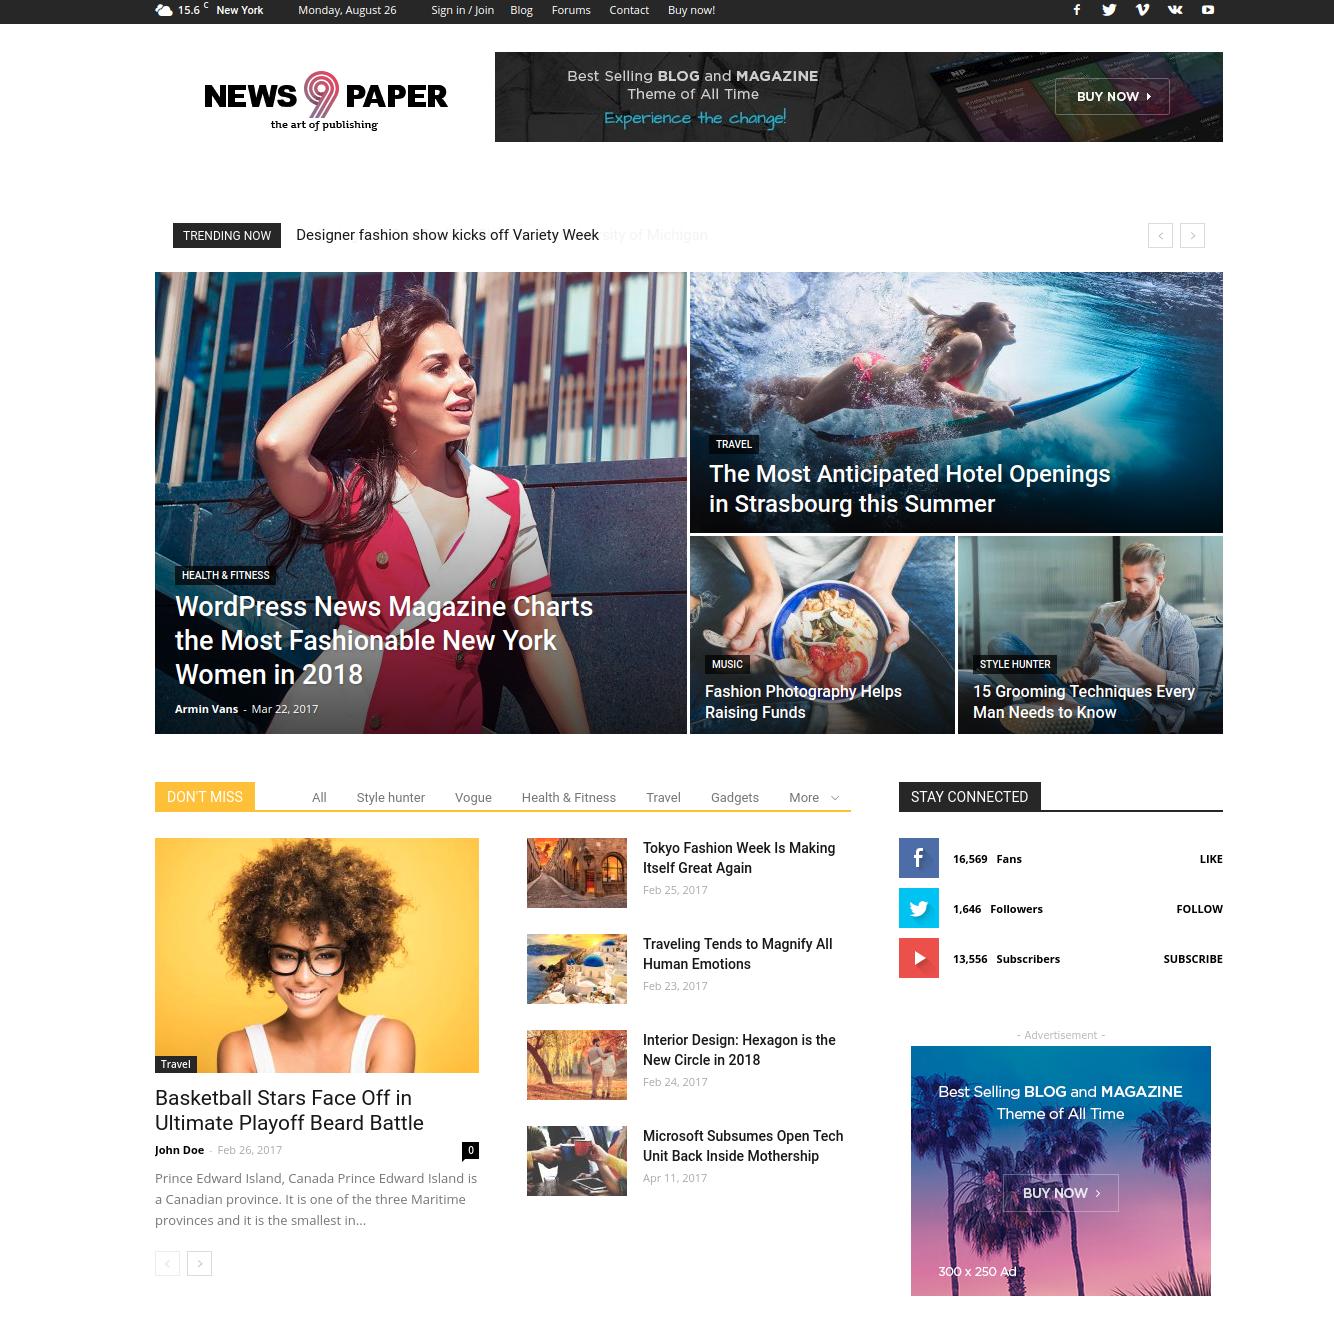 news 9 papper